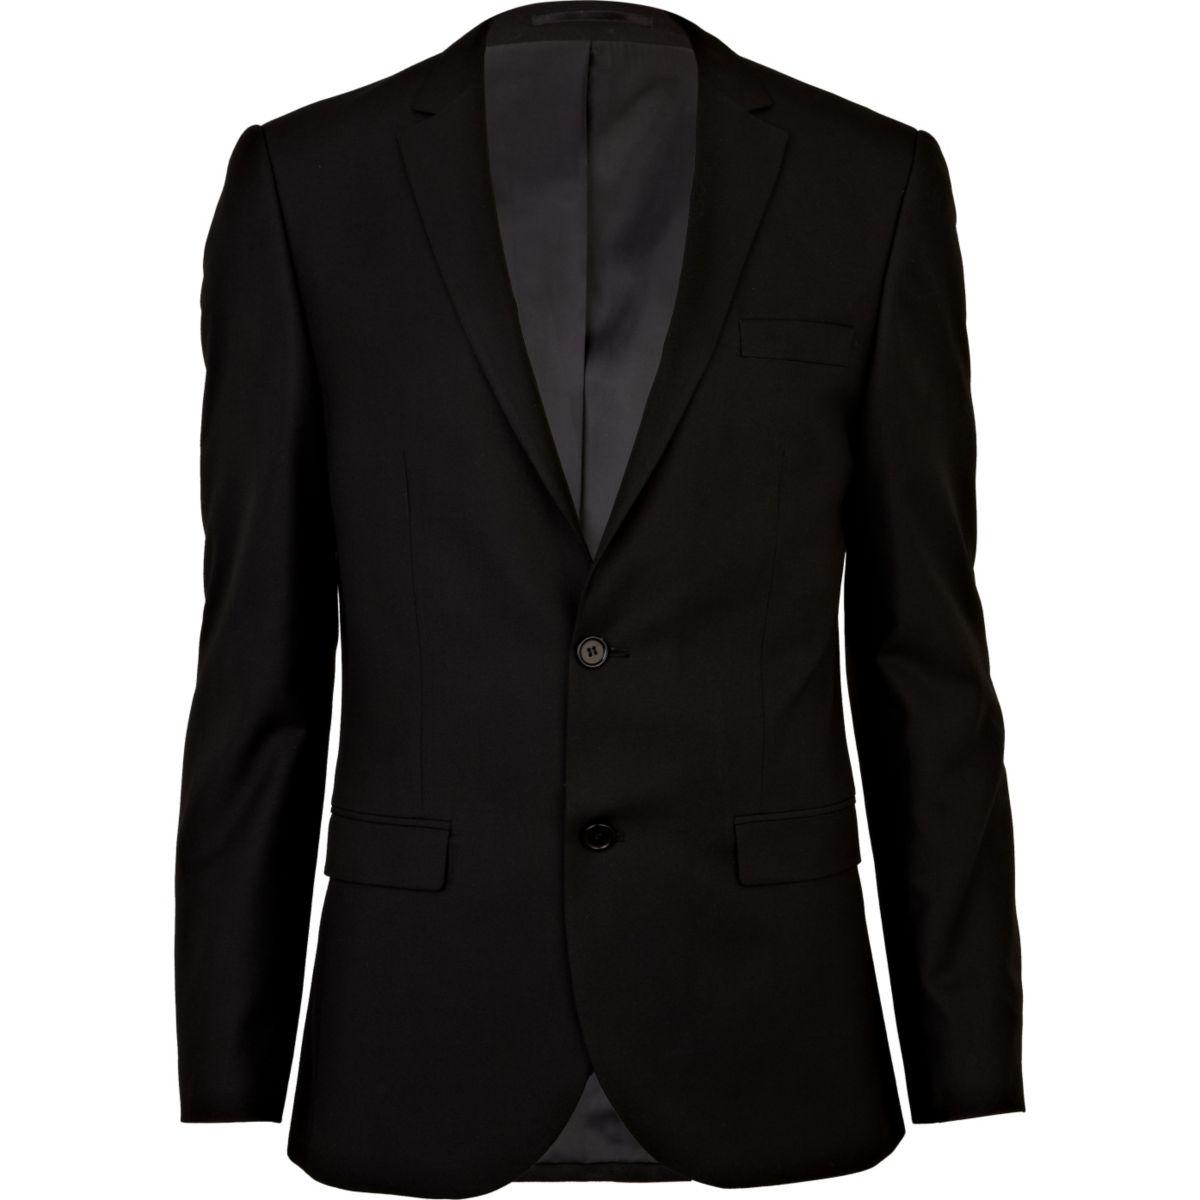 Schwarze schmale Anzugjacke